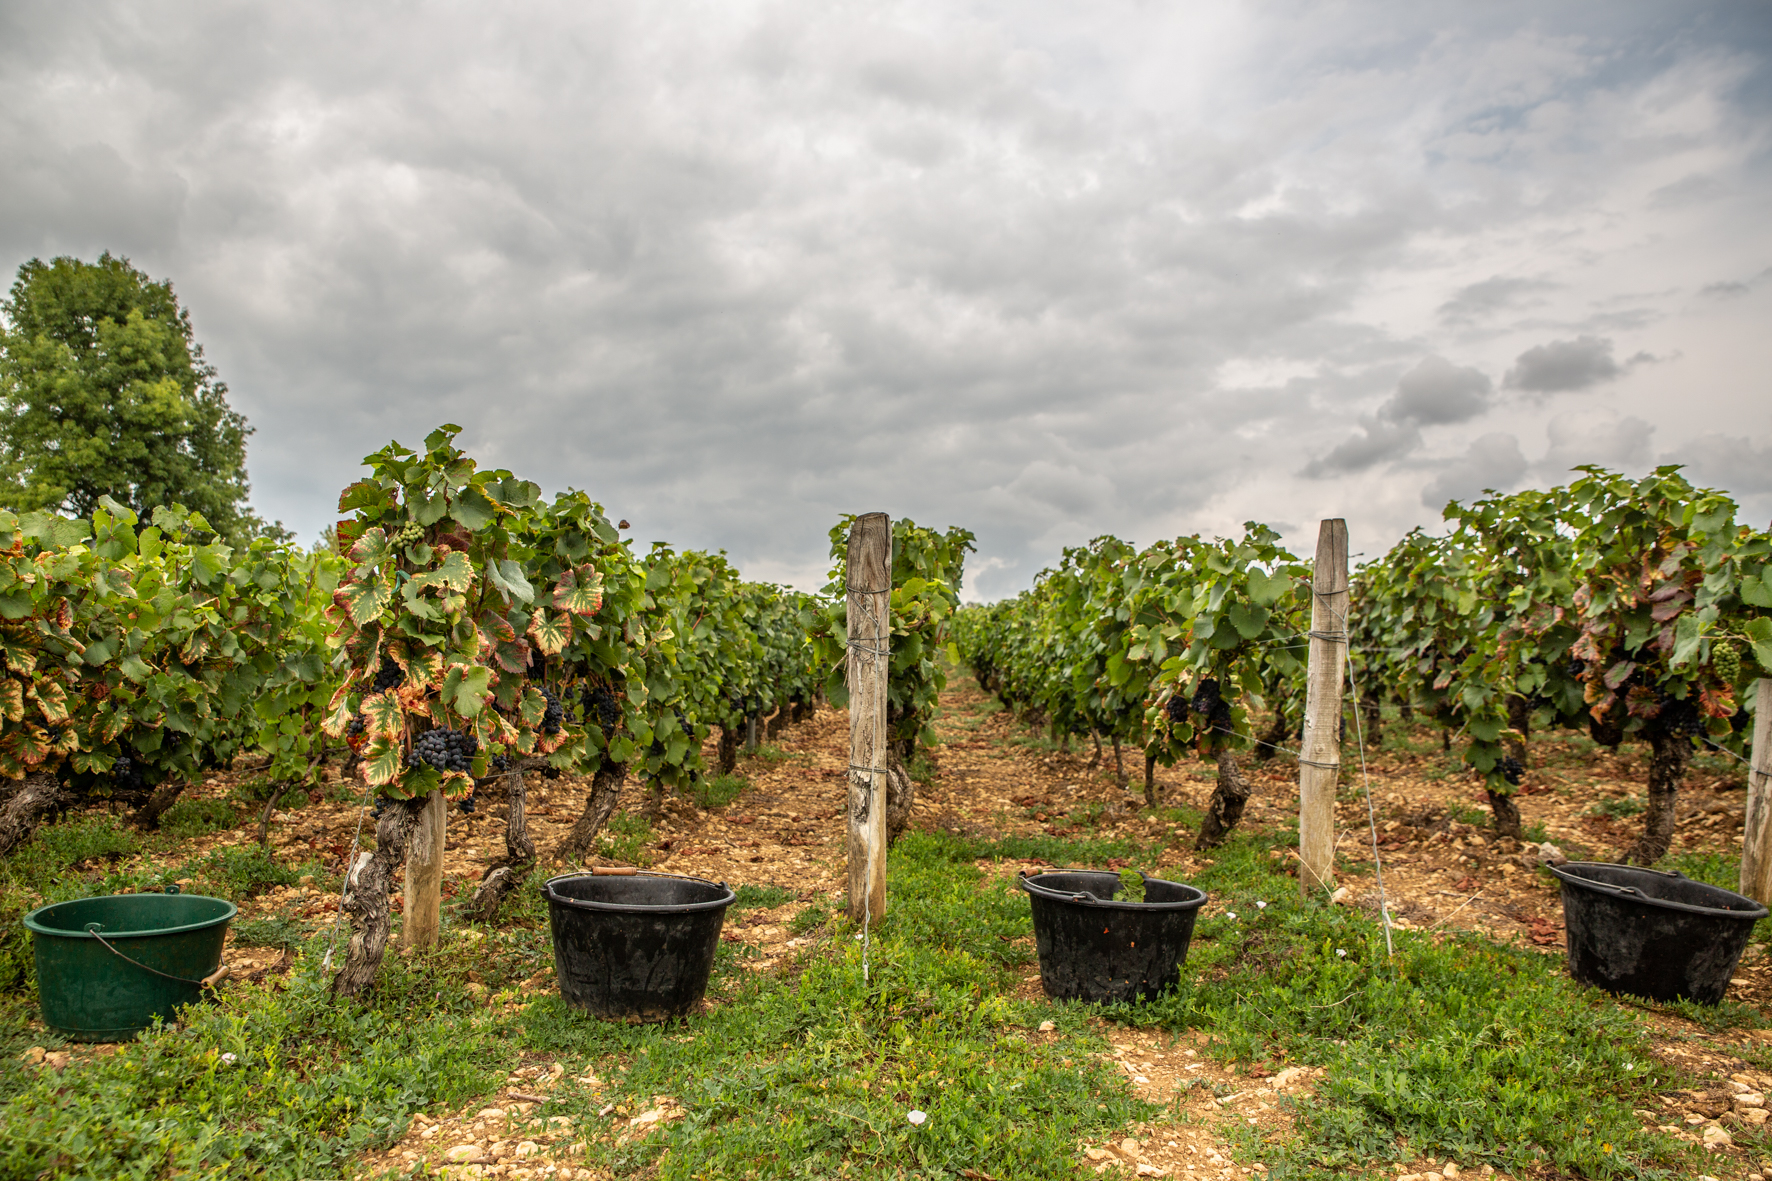 Vendanges 2018 plans - Grand vin d'exception Domaine Jeannot